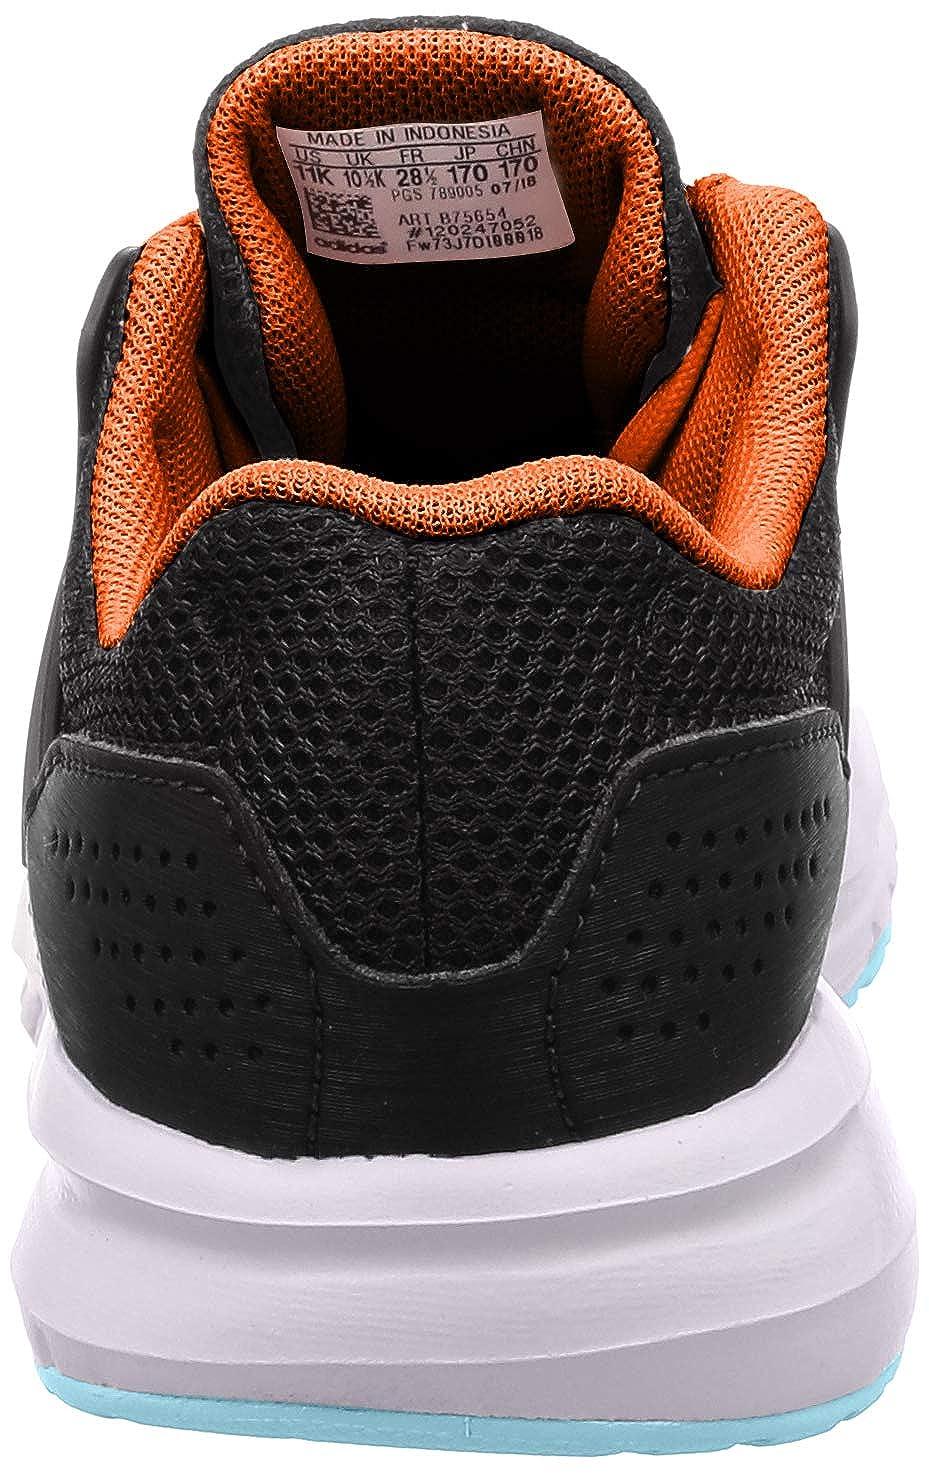 Unisex K 4 Adidas 5 Galaxy Kinder FitnessschuheRosa3 Eu n0O8wPk